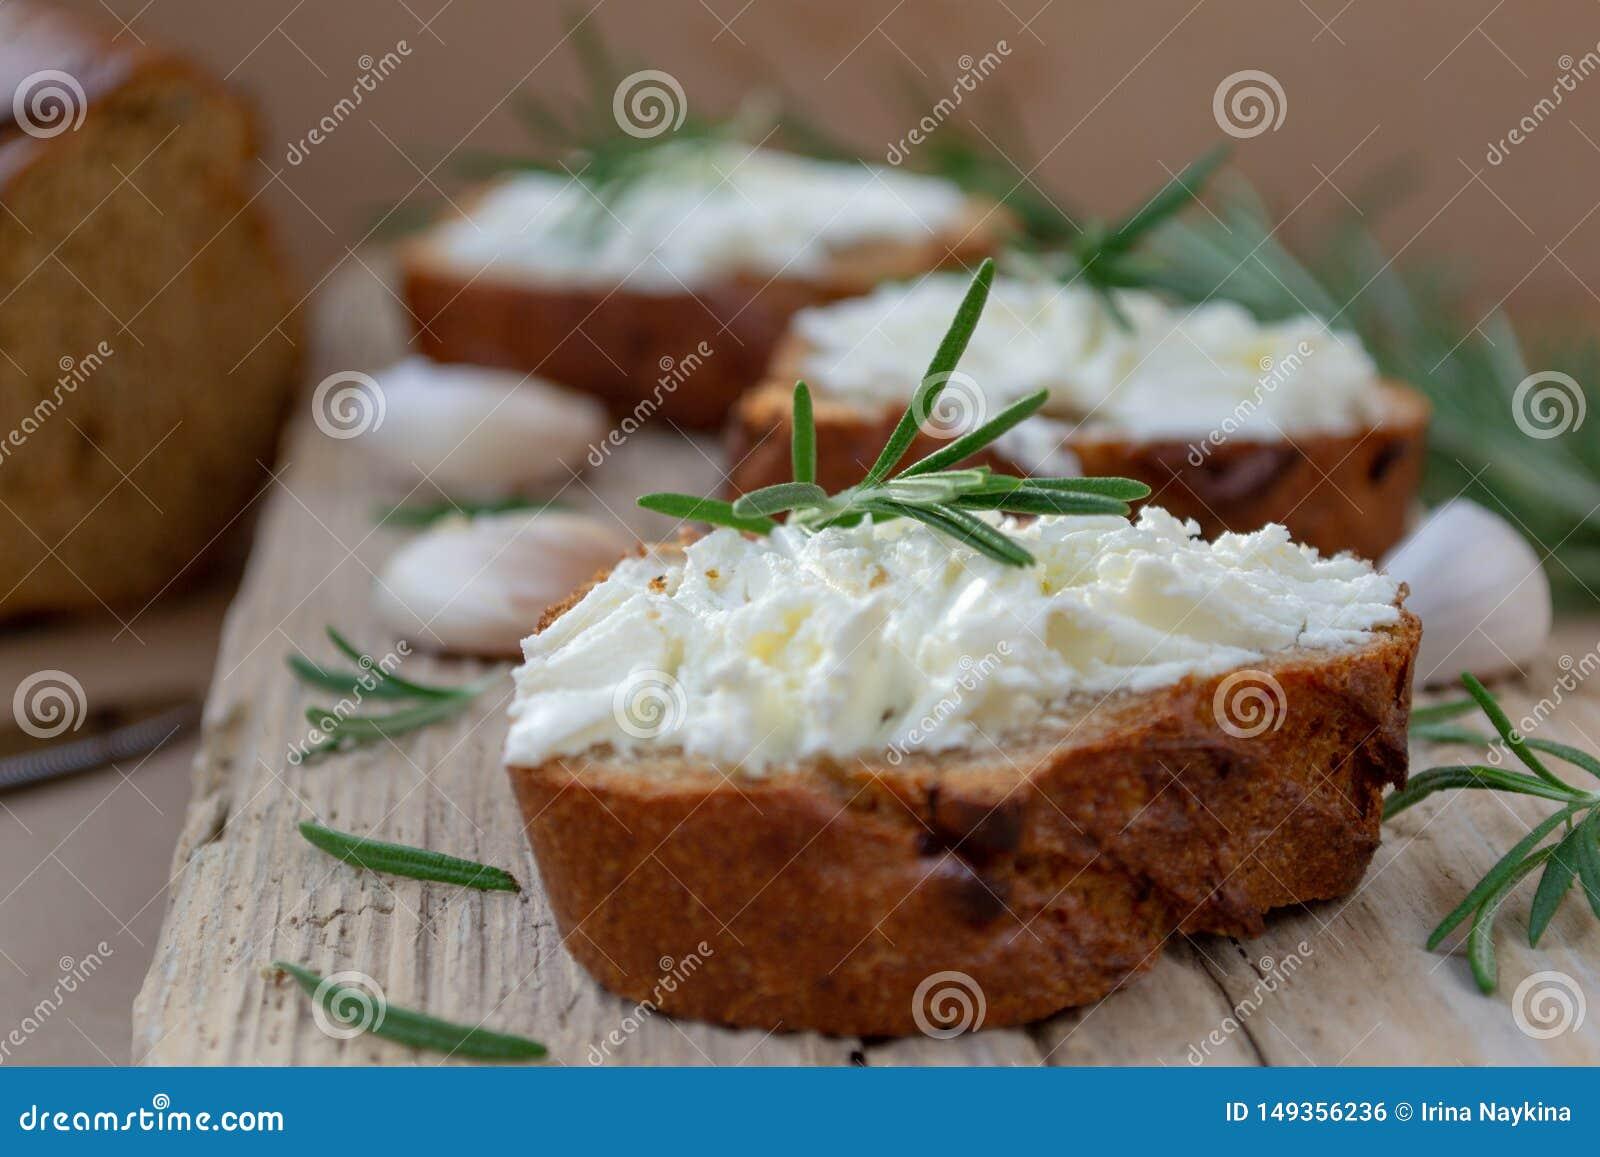 Τεμαχισμένο ψωμί με το ελαφρύ τυρί σε έναν ξύλινο πίνακα